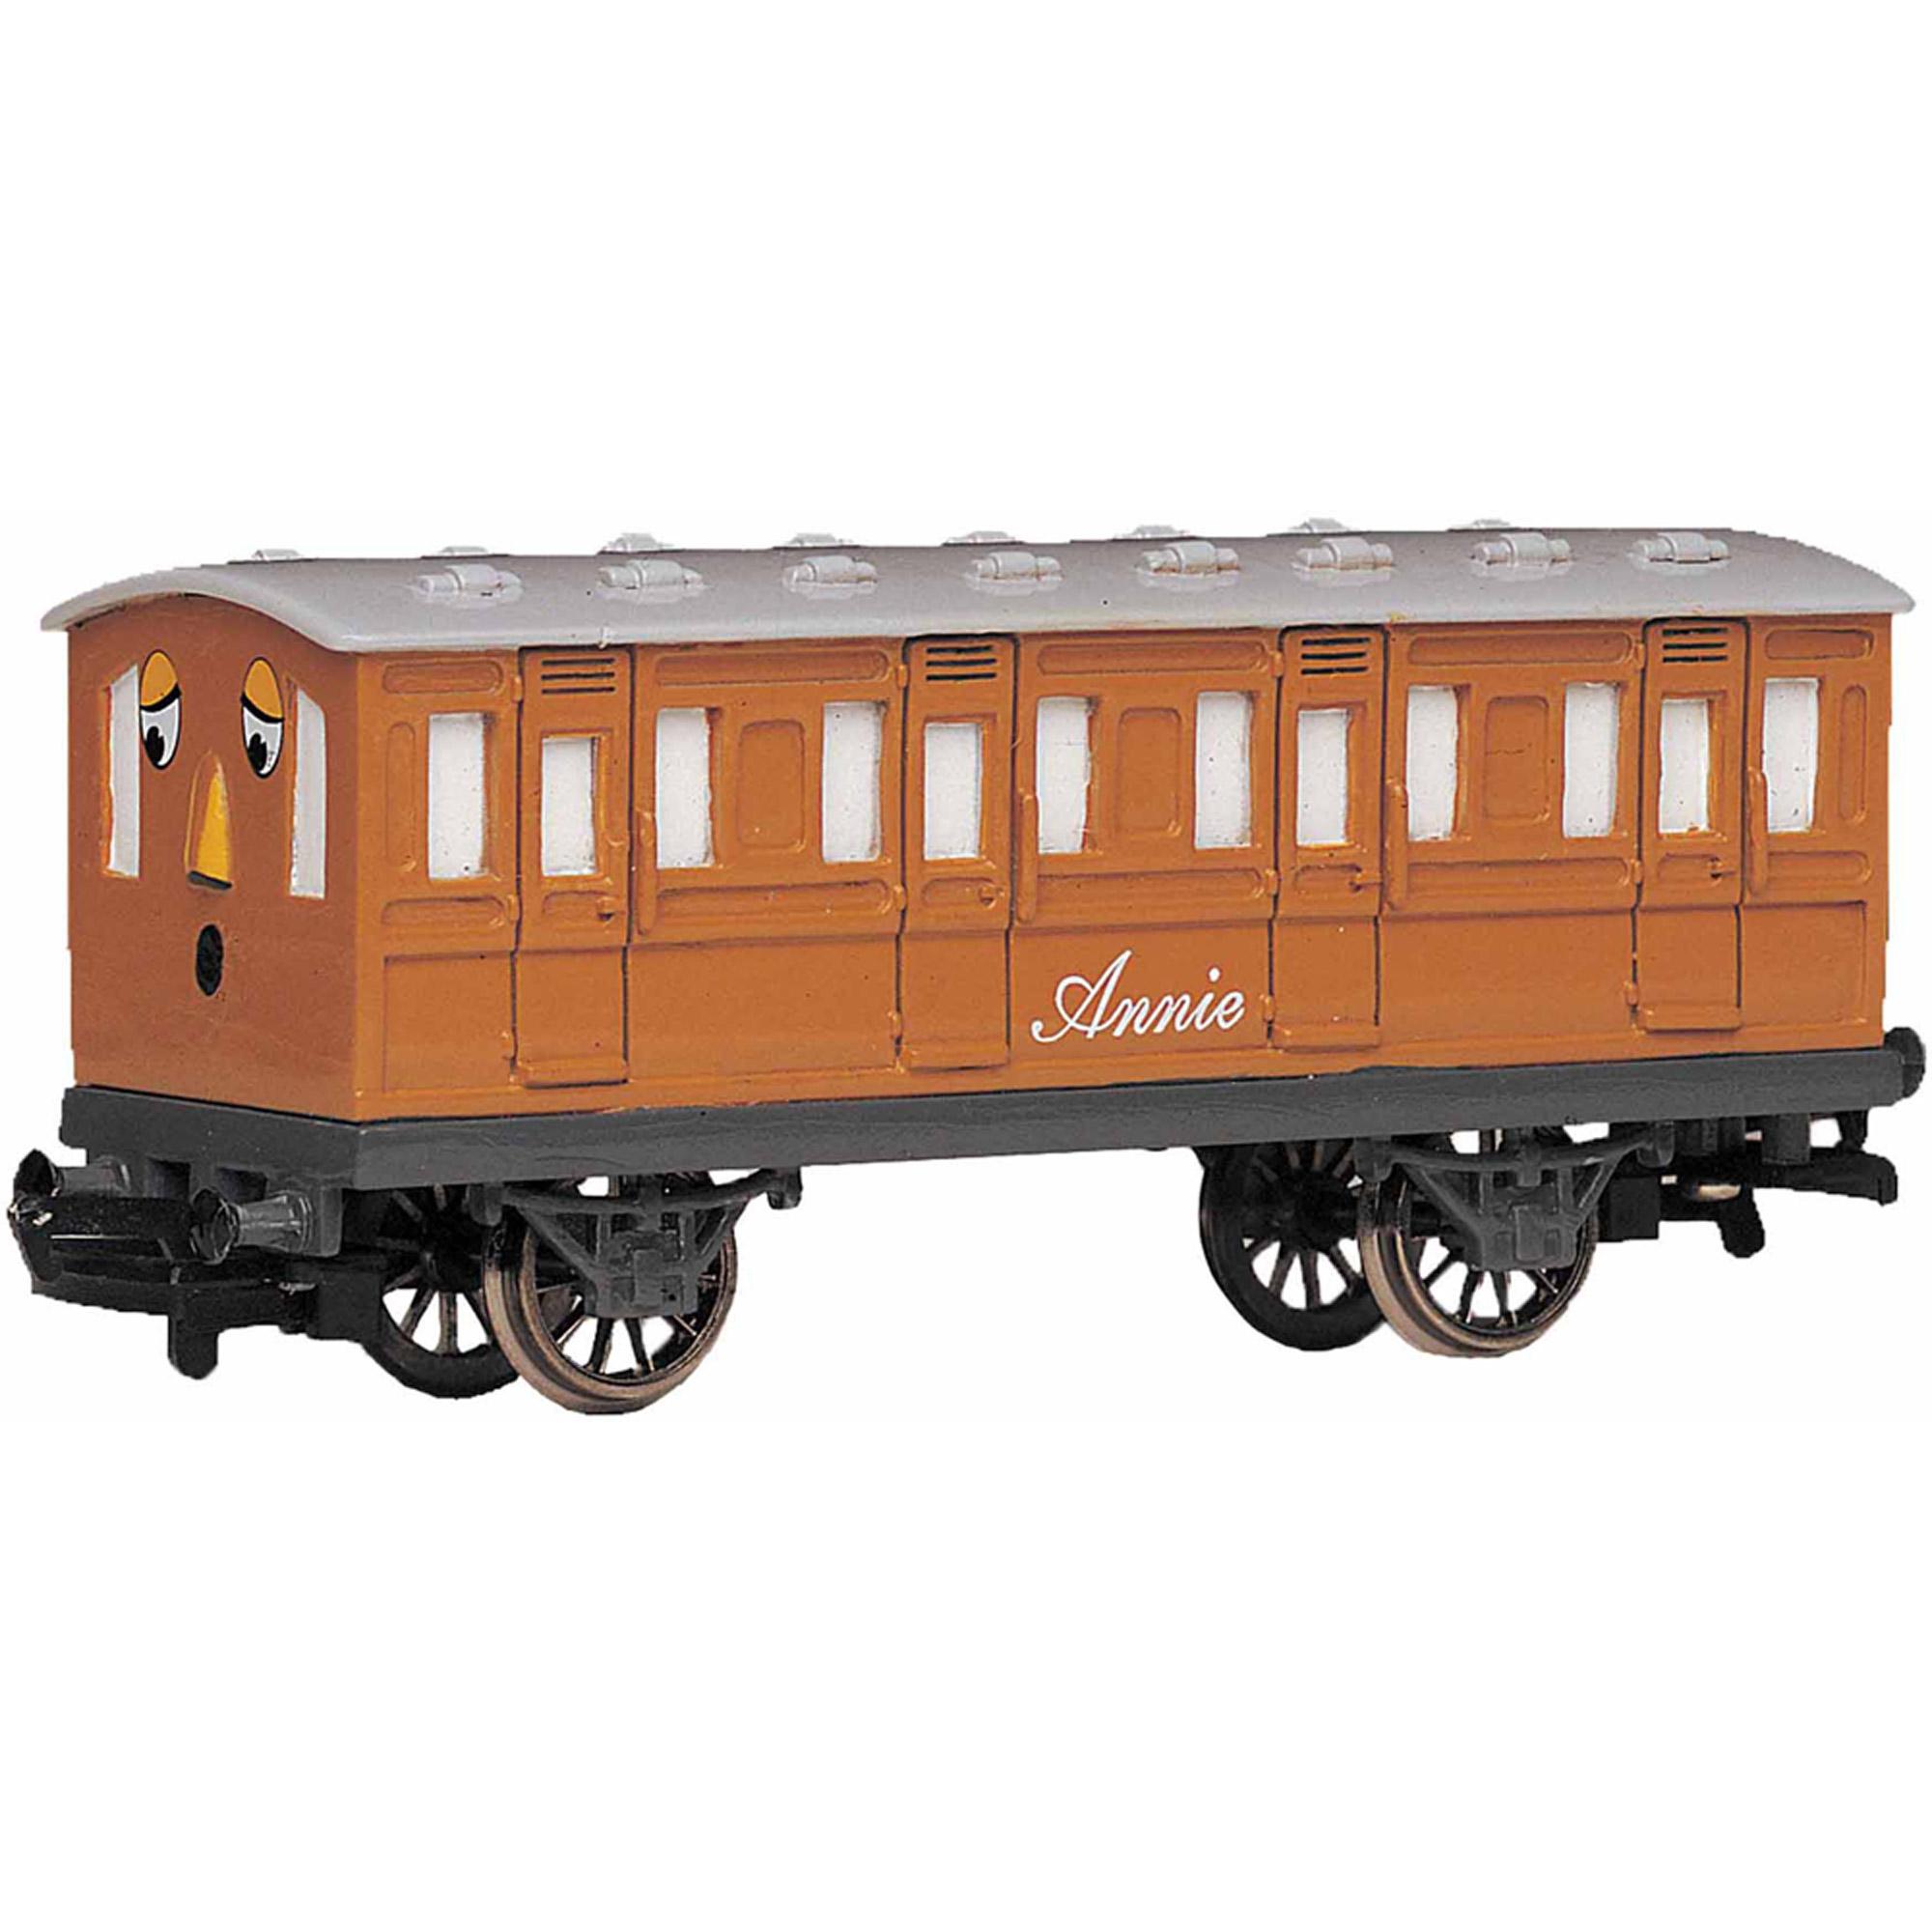 Bachmann Trains Thomas and Friends Annie Coach, HO Scale Train